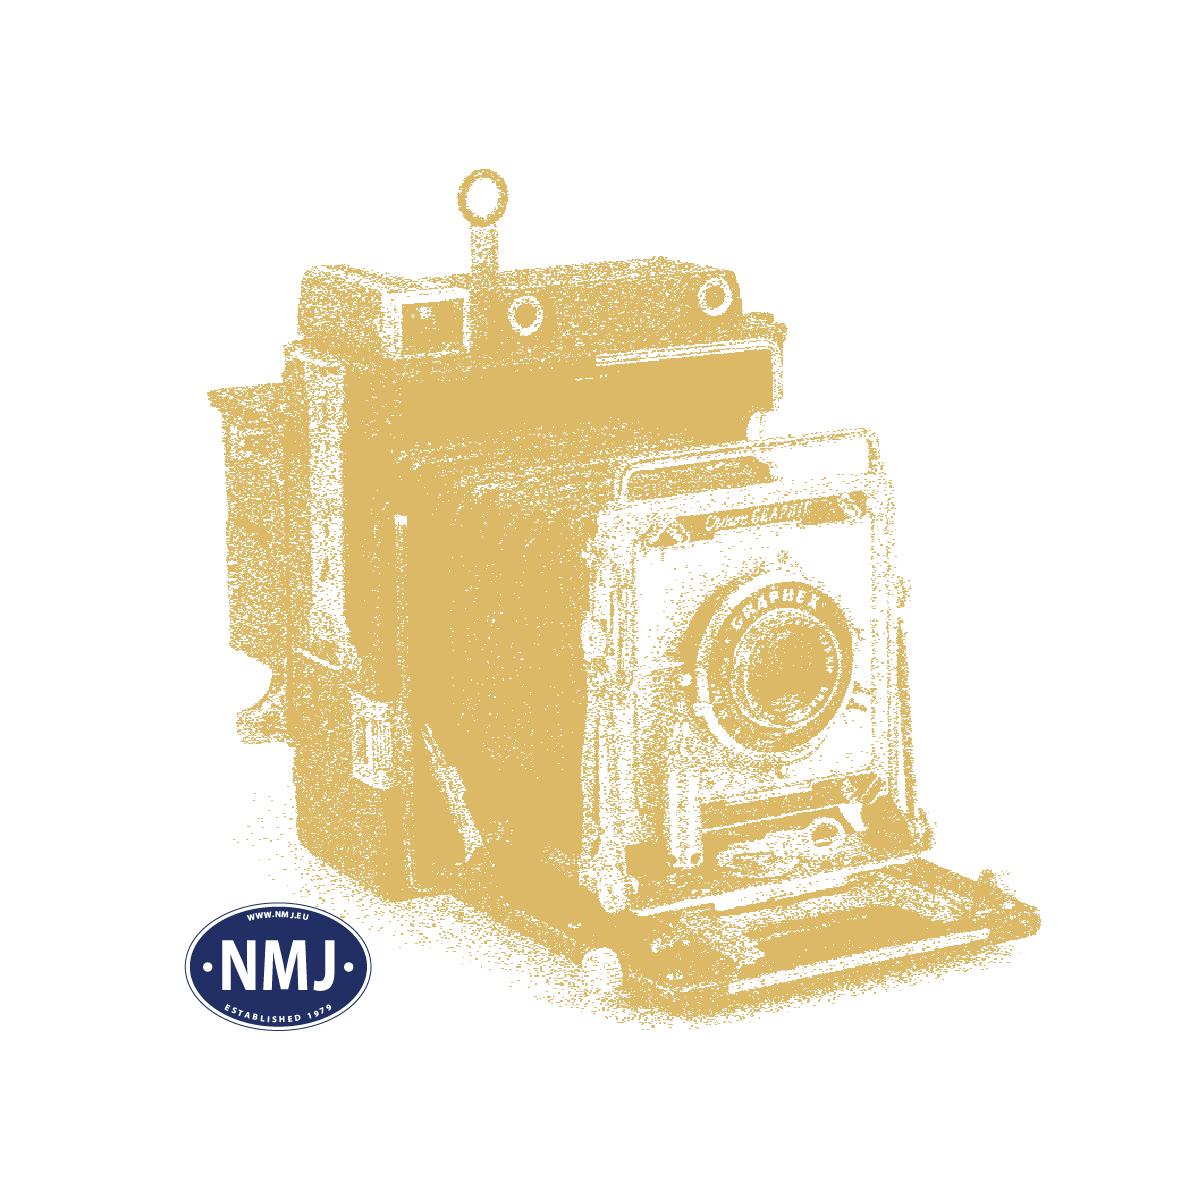 MOE0519 - Modell & Elektronikk 5/2019, Teknisk Hobbyblad